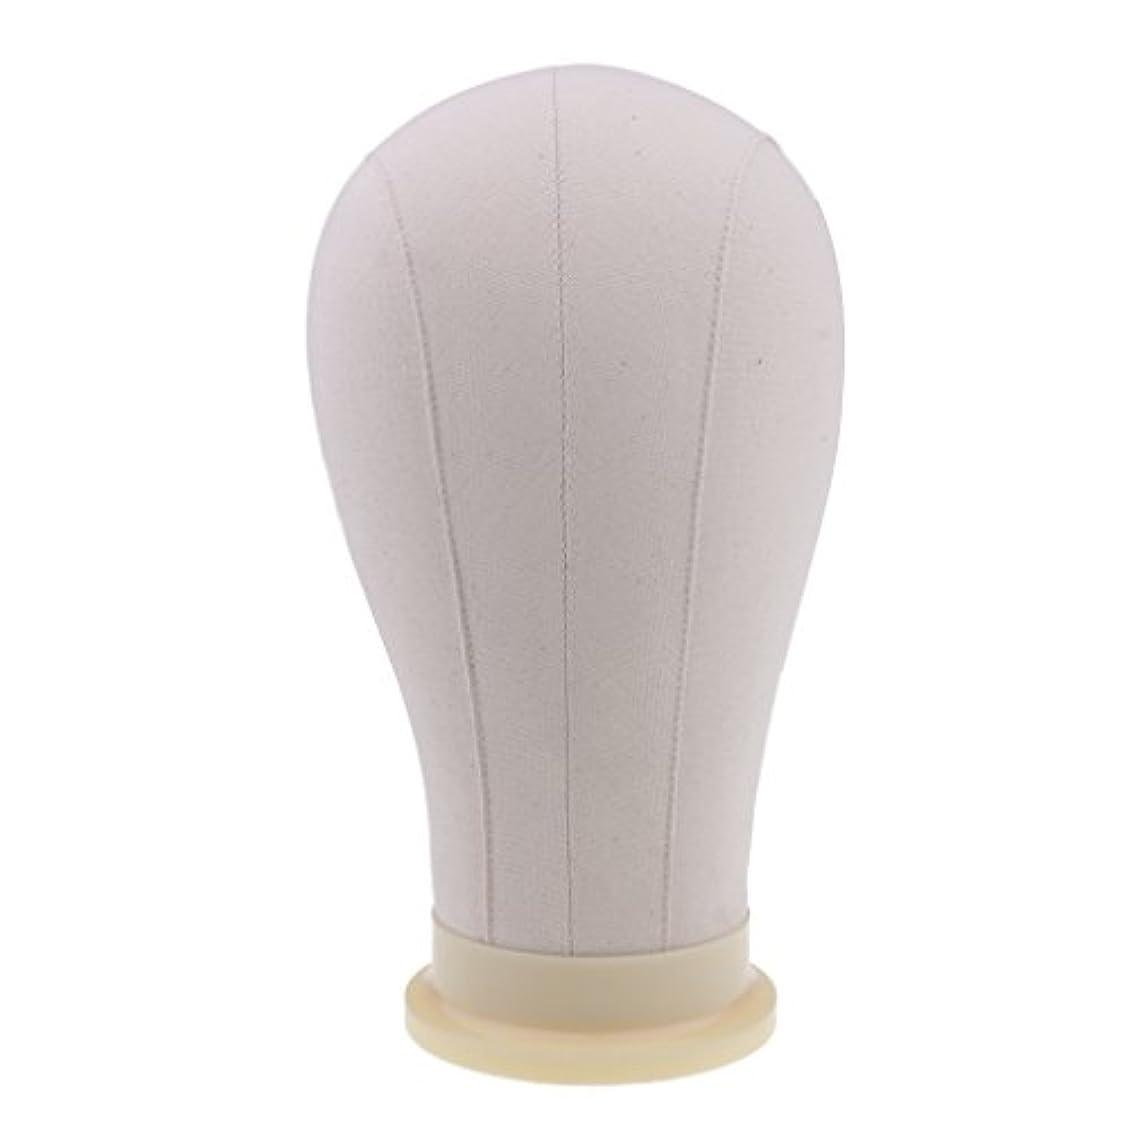 こだわり参加者スイToygogo マネキンヘッド ディスプレイ 頭部モデル かつら 帽子 メガネ 展示 ホルダー 4サイズ - 22インチ